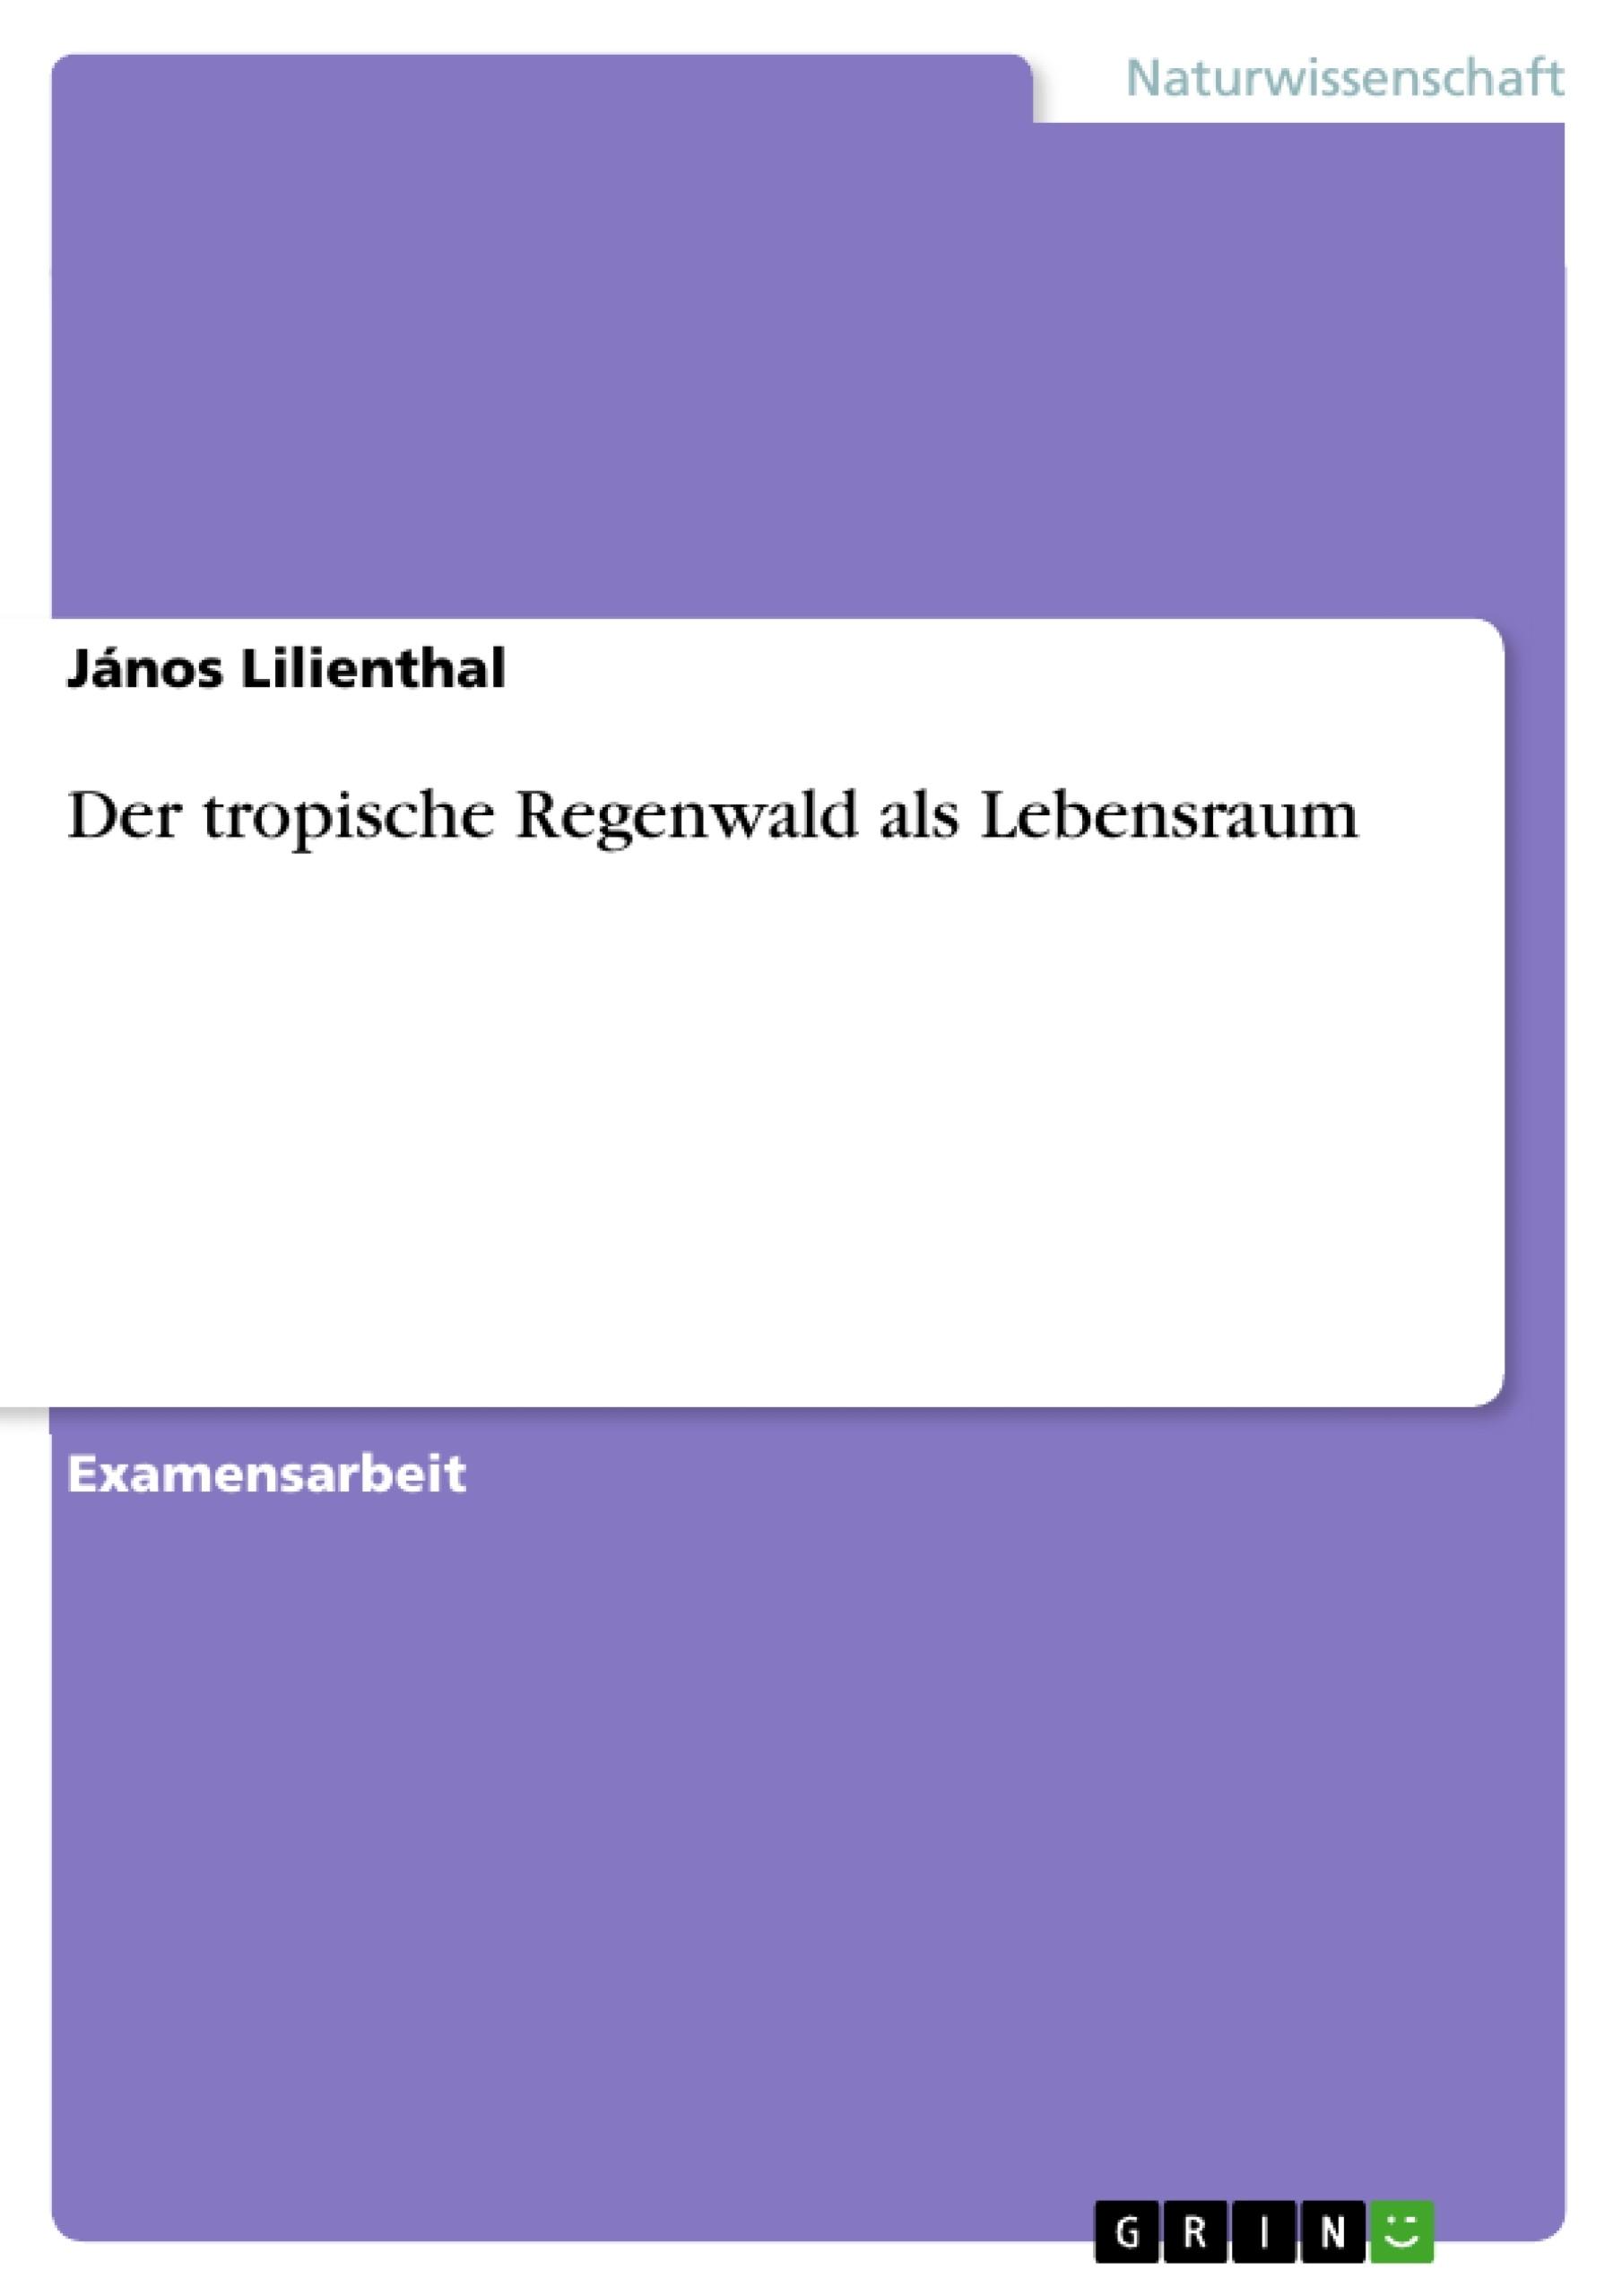 Titel: Der tropische Regenwald als Lebensraum